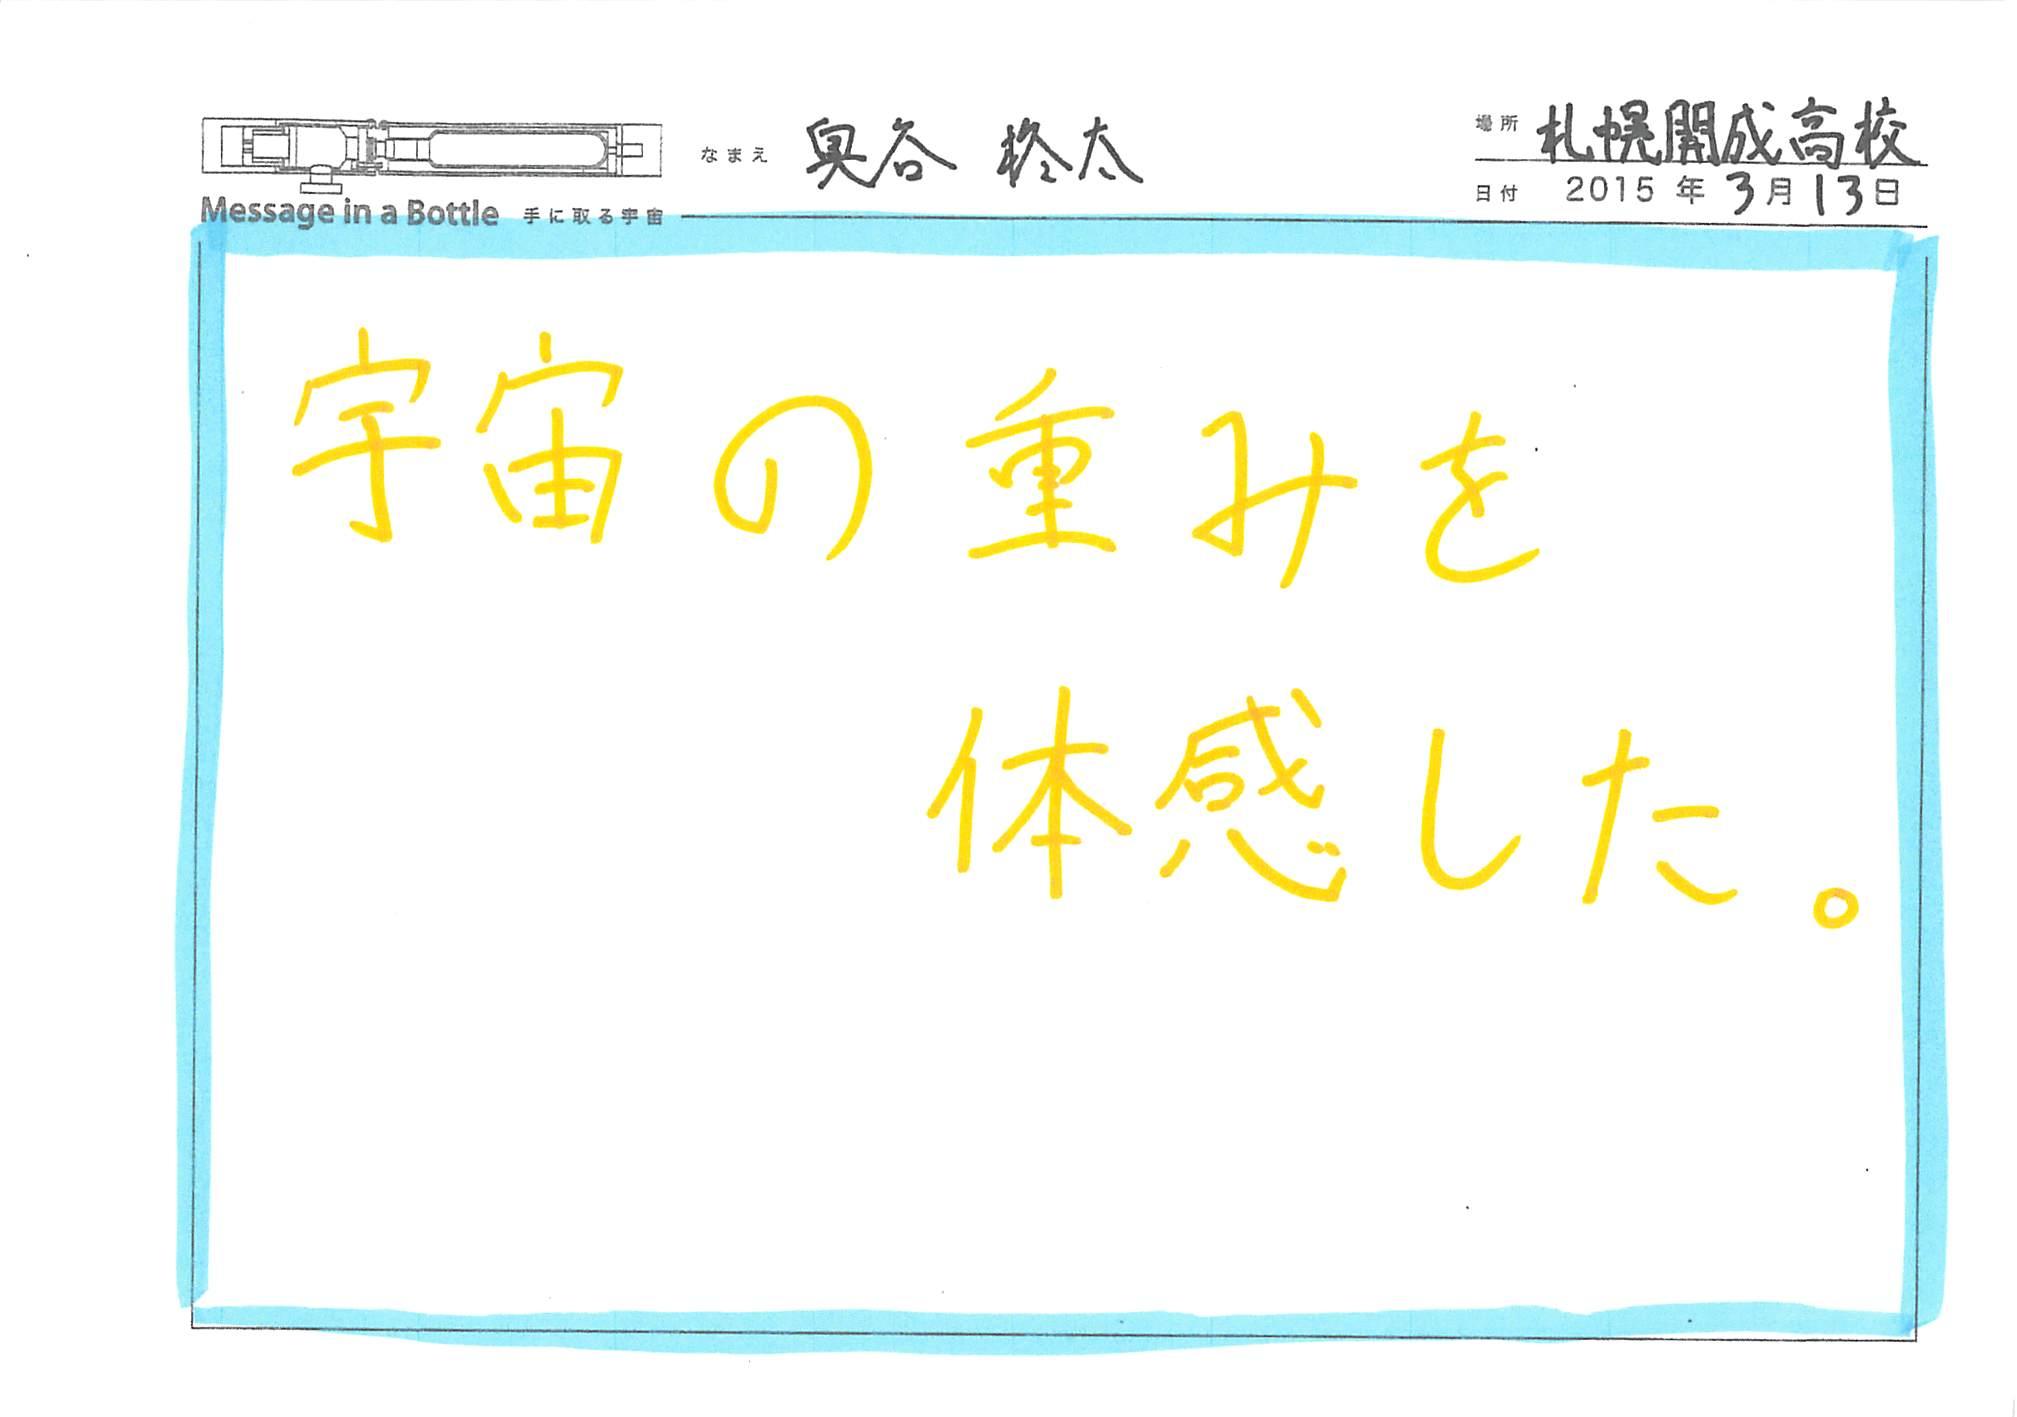 2015-04-09-21-11-59.jpg